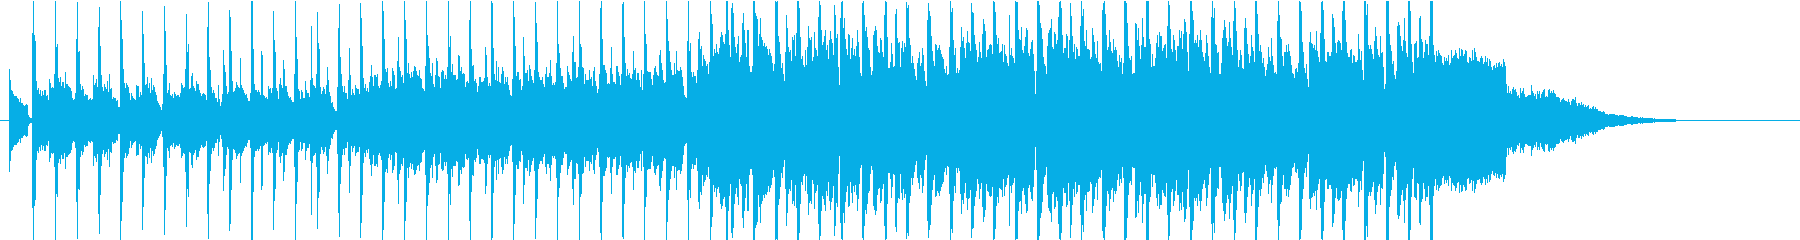 軽快でハッピーなカントリーポップスの再生済みの波形